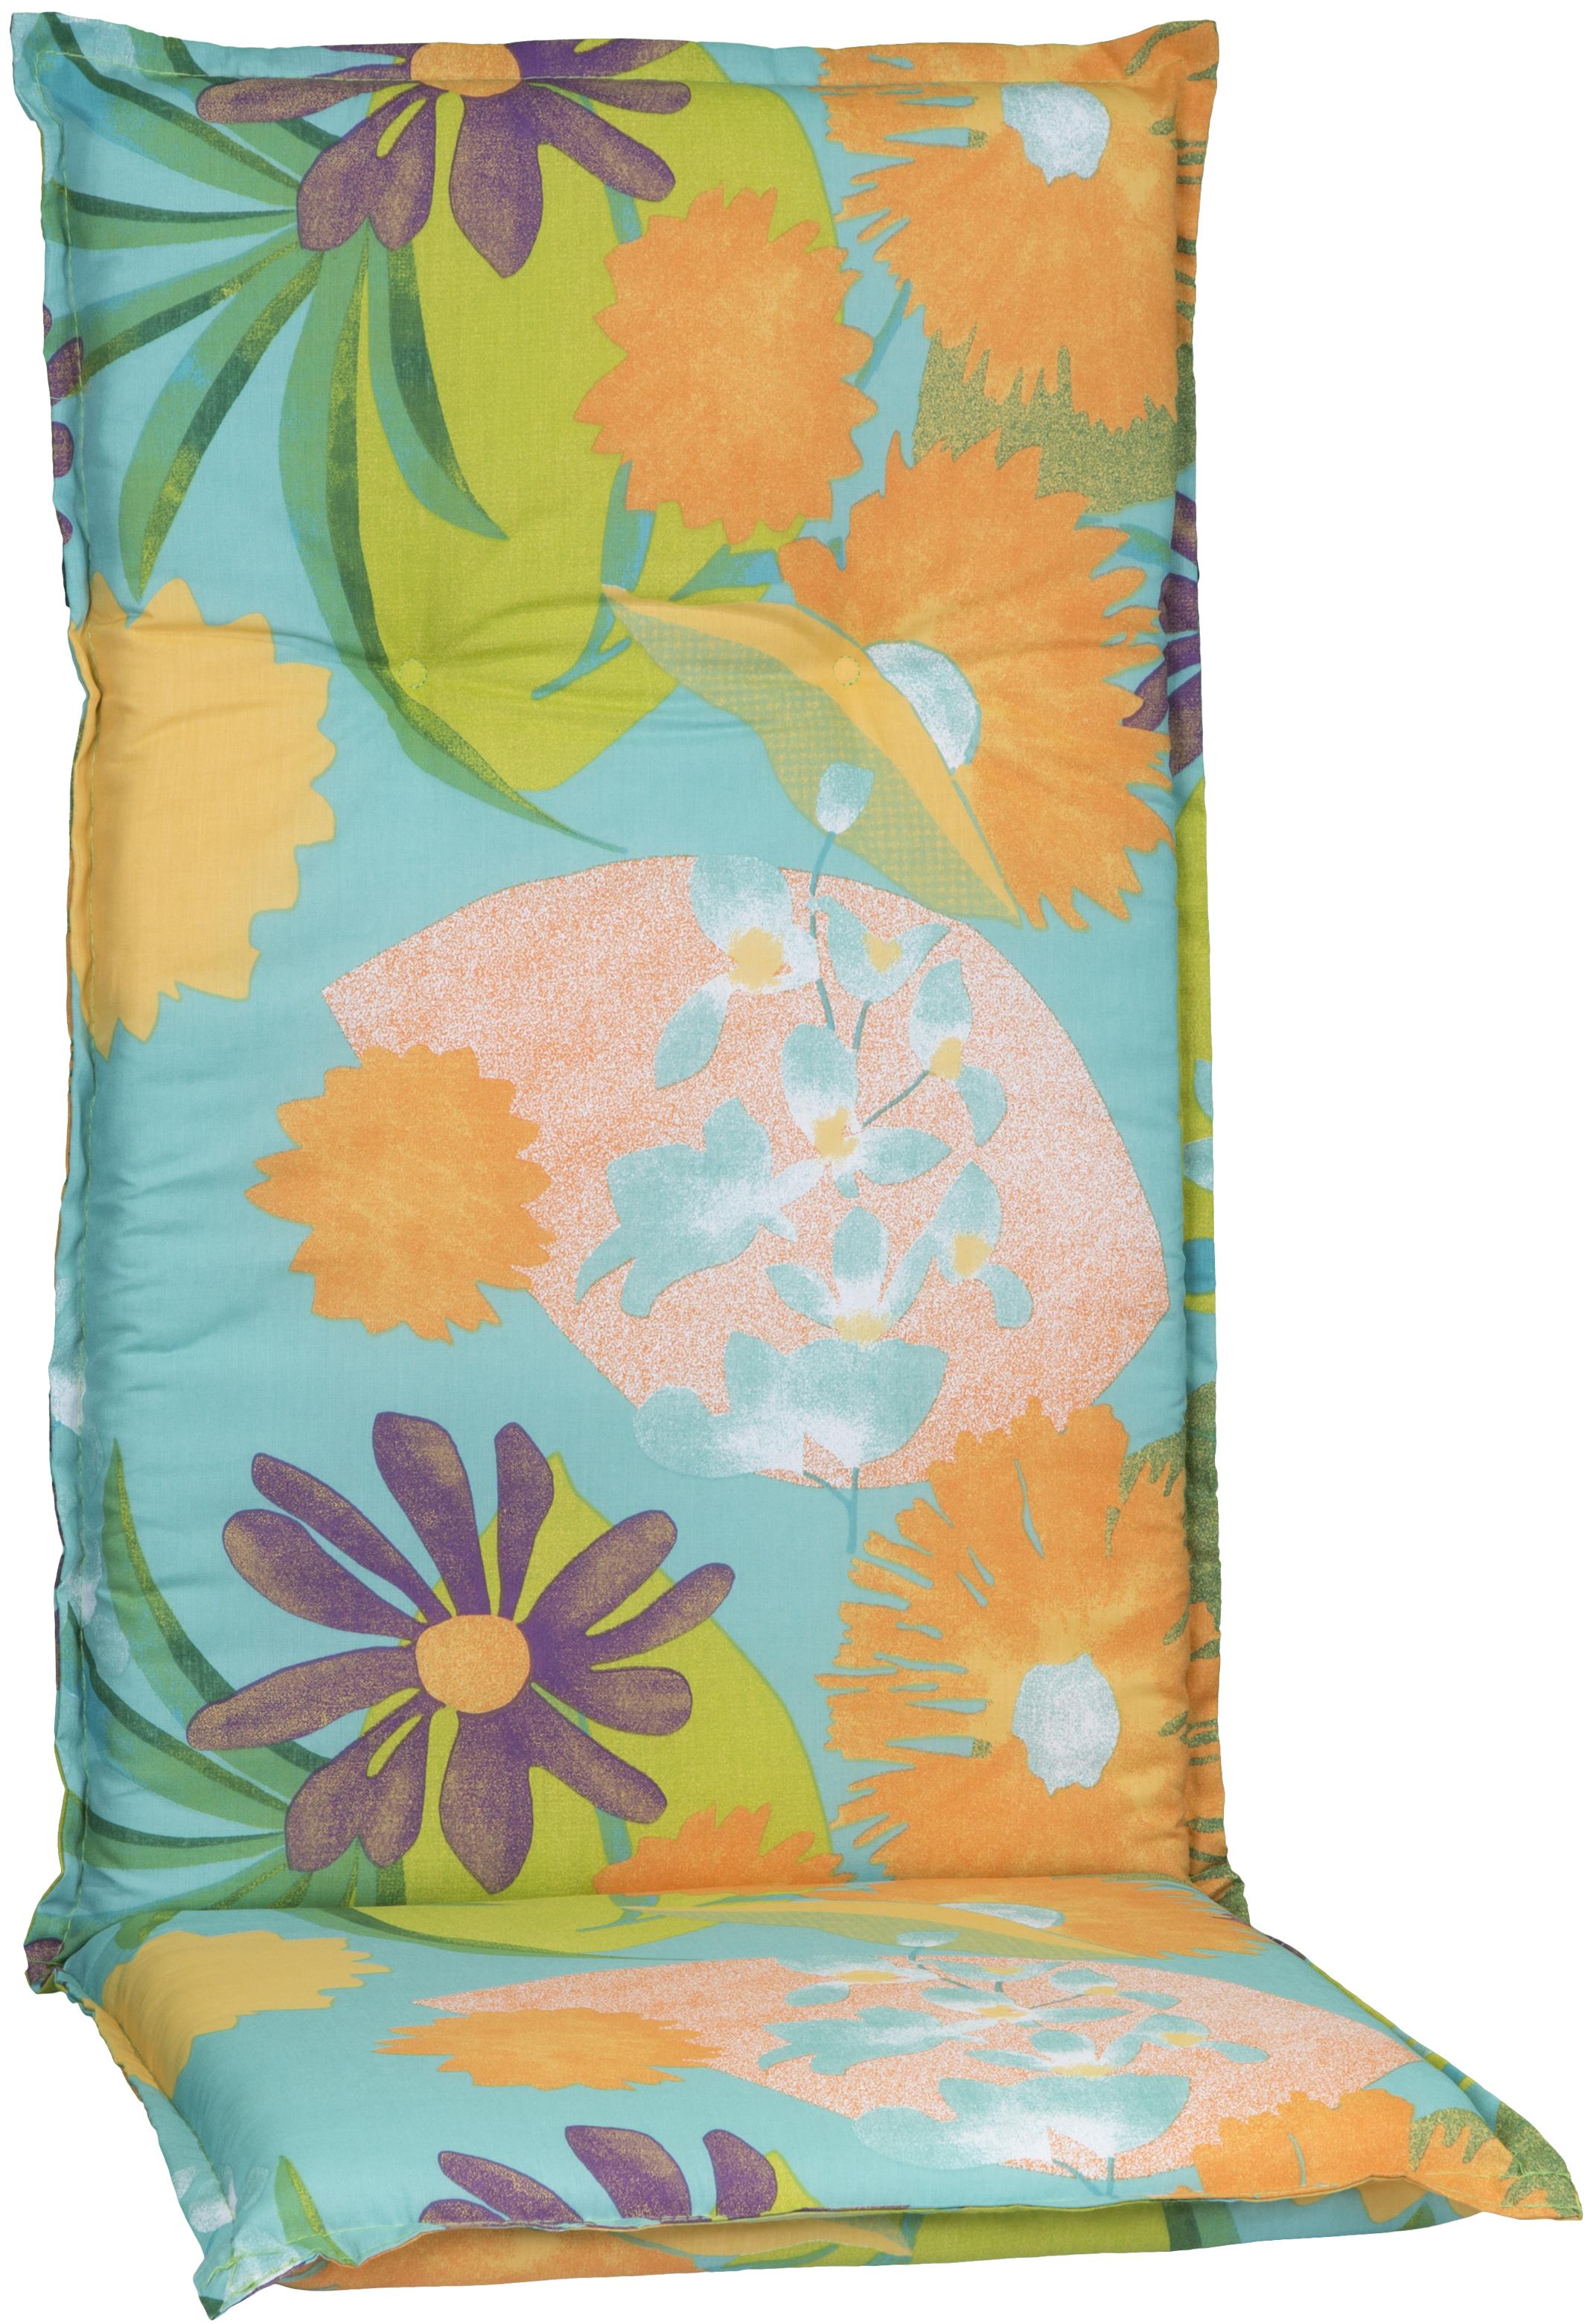 Aquarell Blumenmotiv Hochlehner Polster Design M701 orange, türkis, rosé und grün